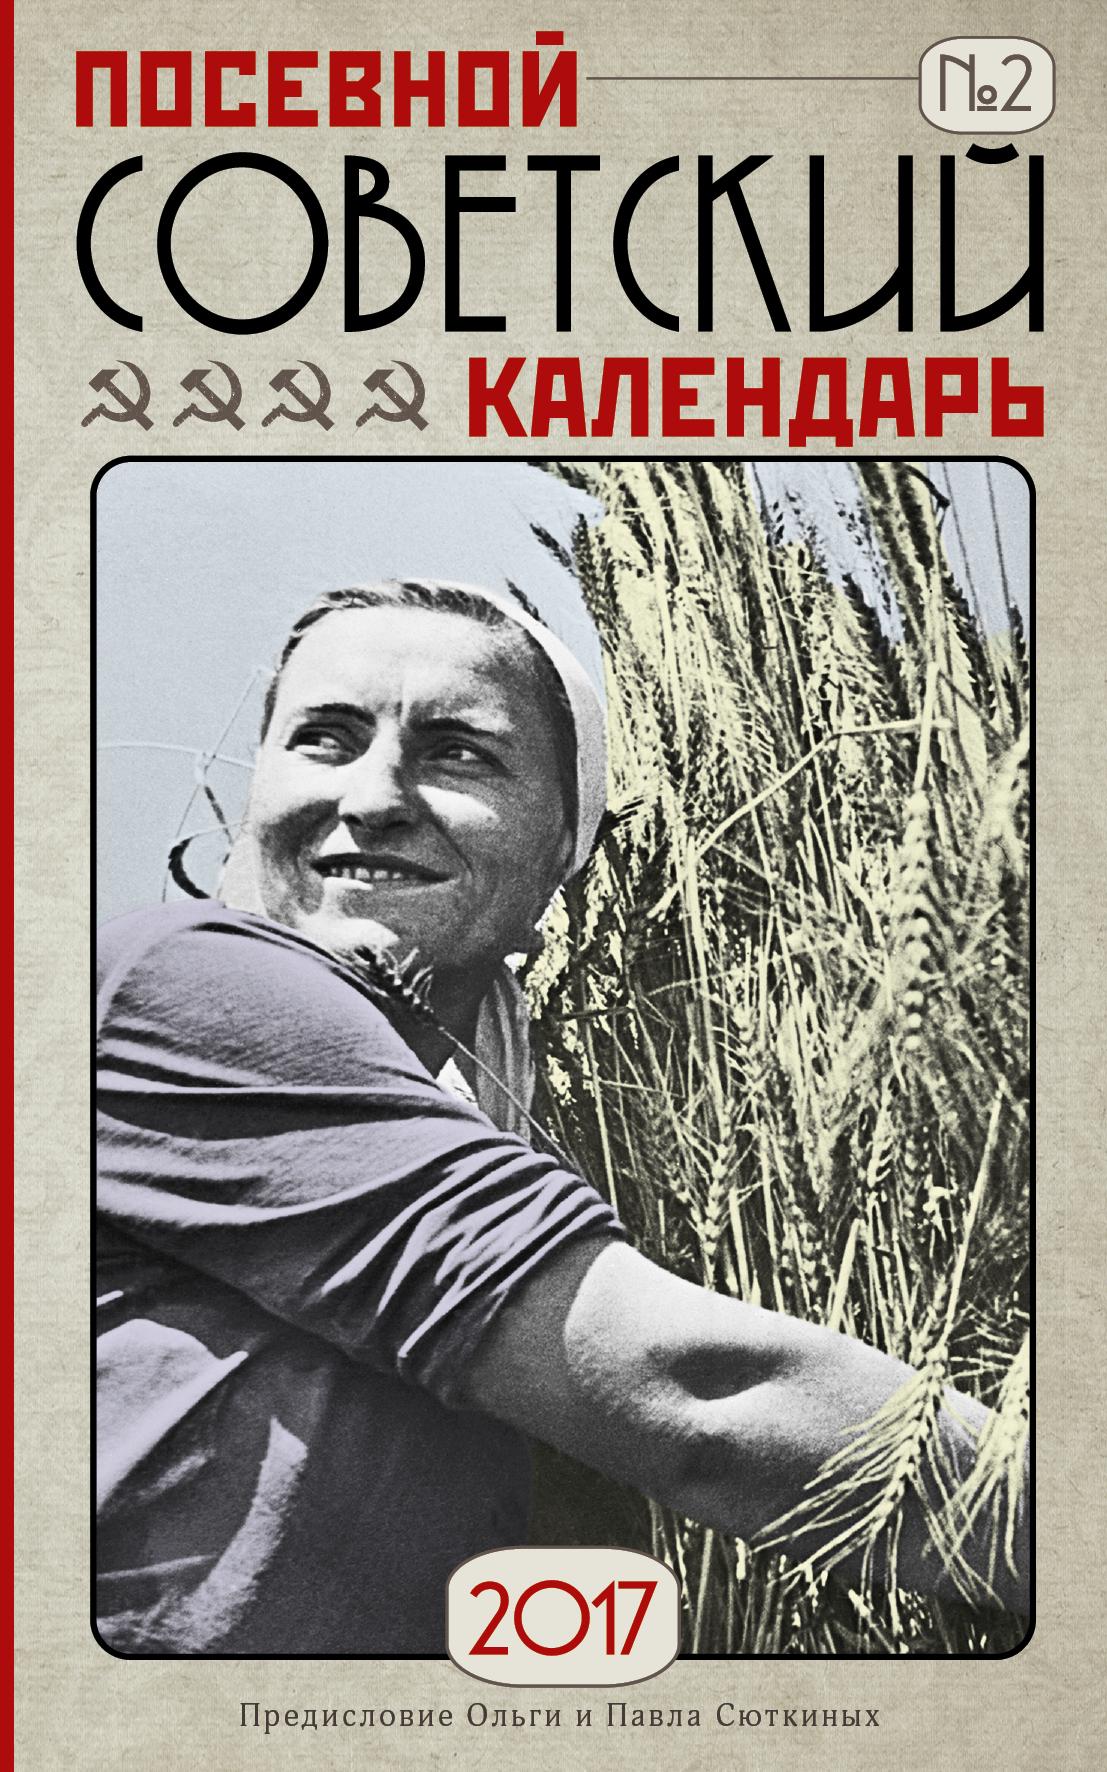 Посевной советский календарь. Сажаем по ГОСТу